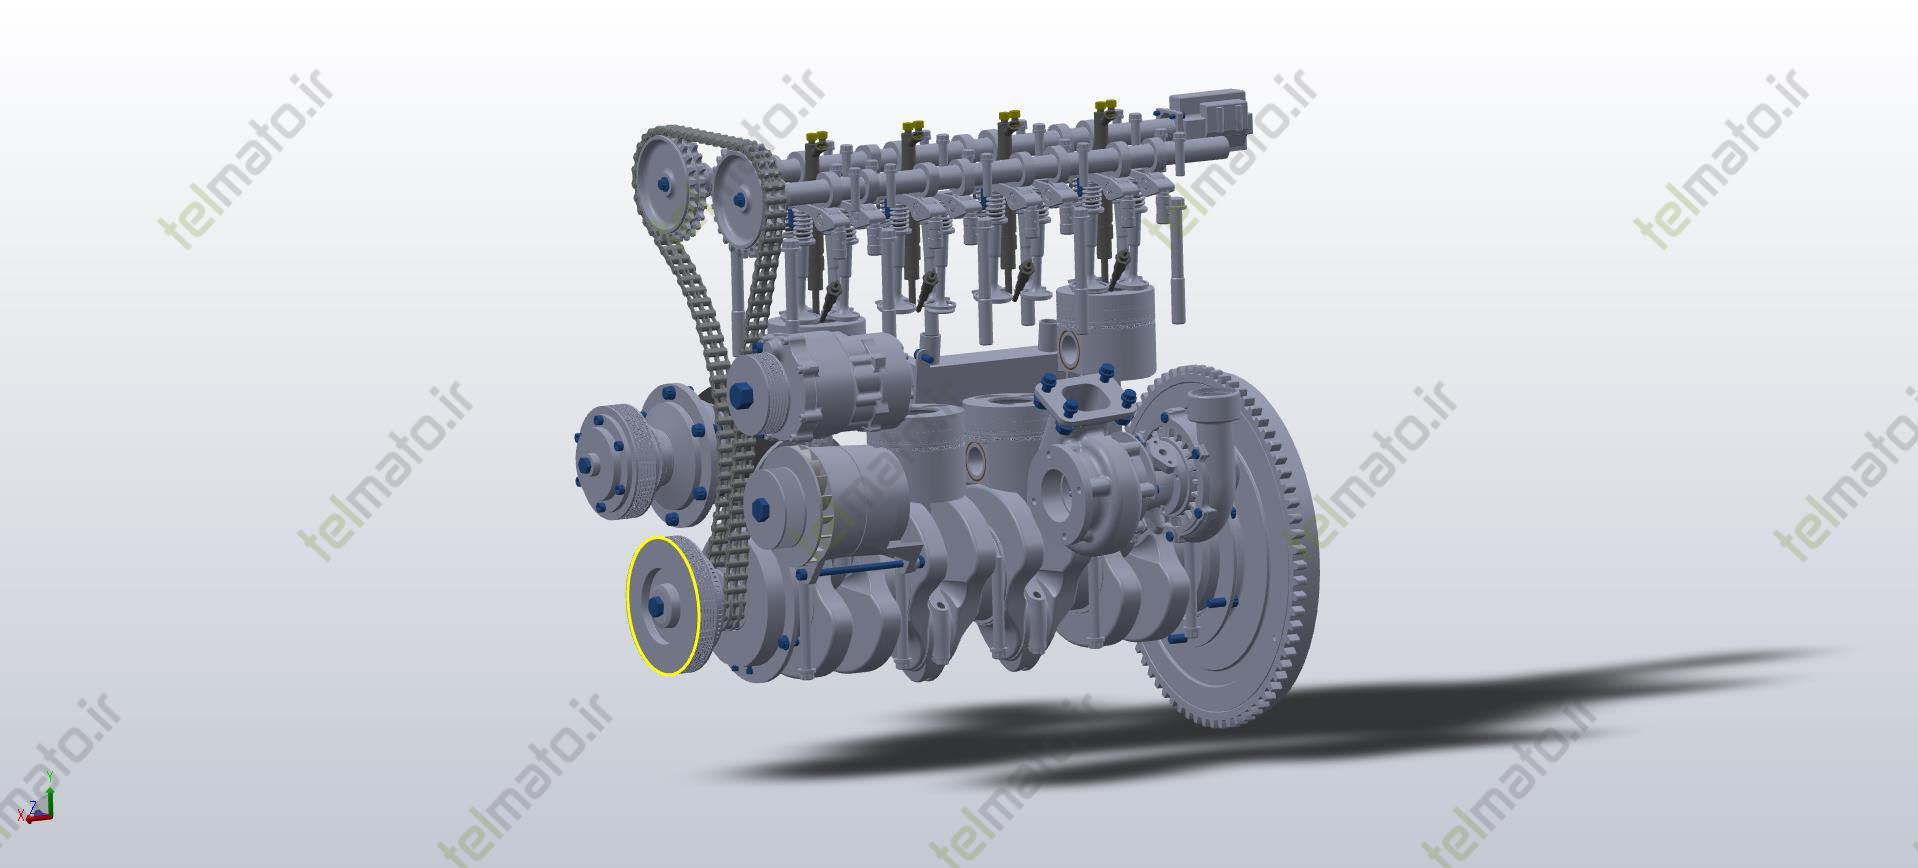 اجزای موتور 4 سیلندر طراحی شده توسط گروه تلماتو